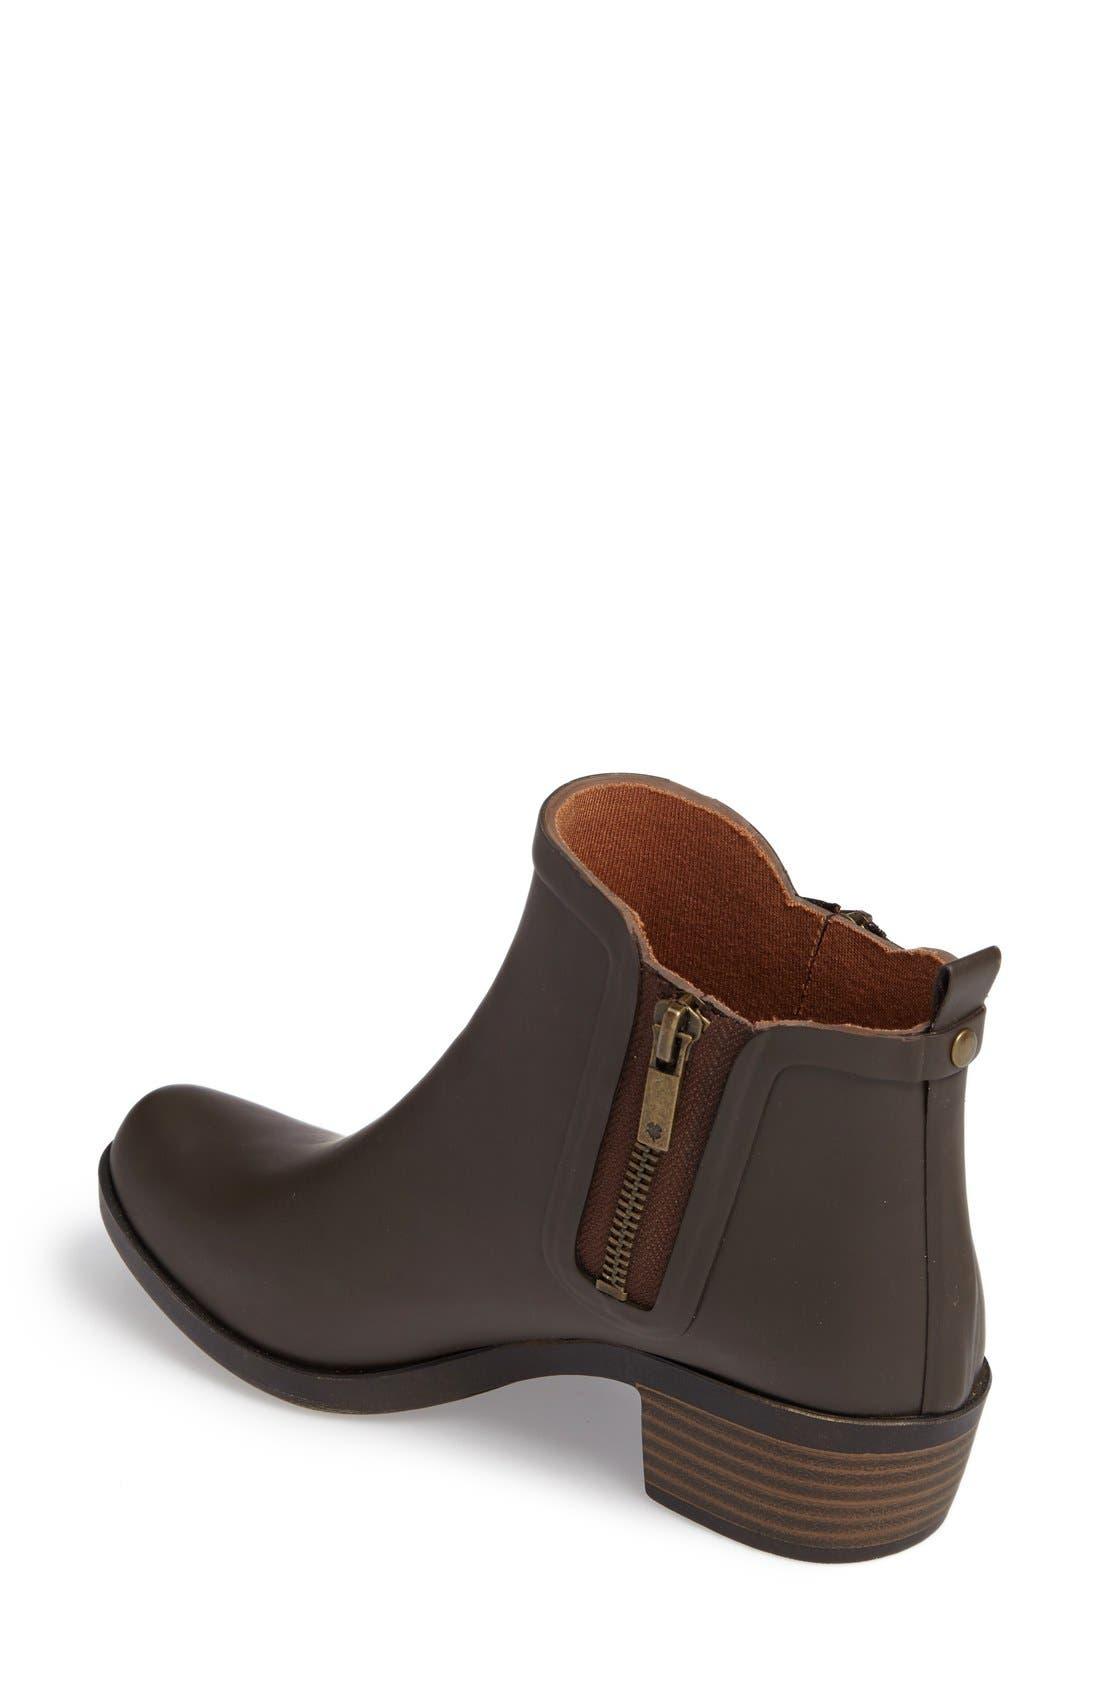 Alternate Image 2  - Lucky Brand Baselrain Rain Boot (Women)